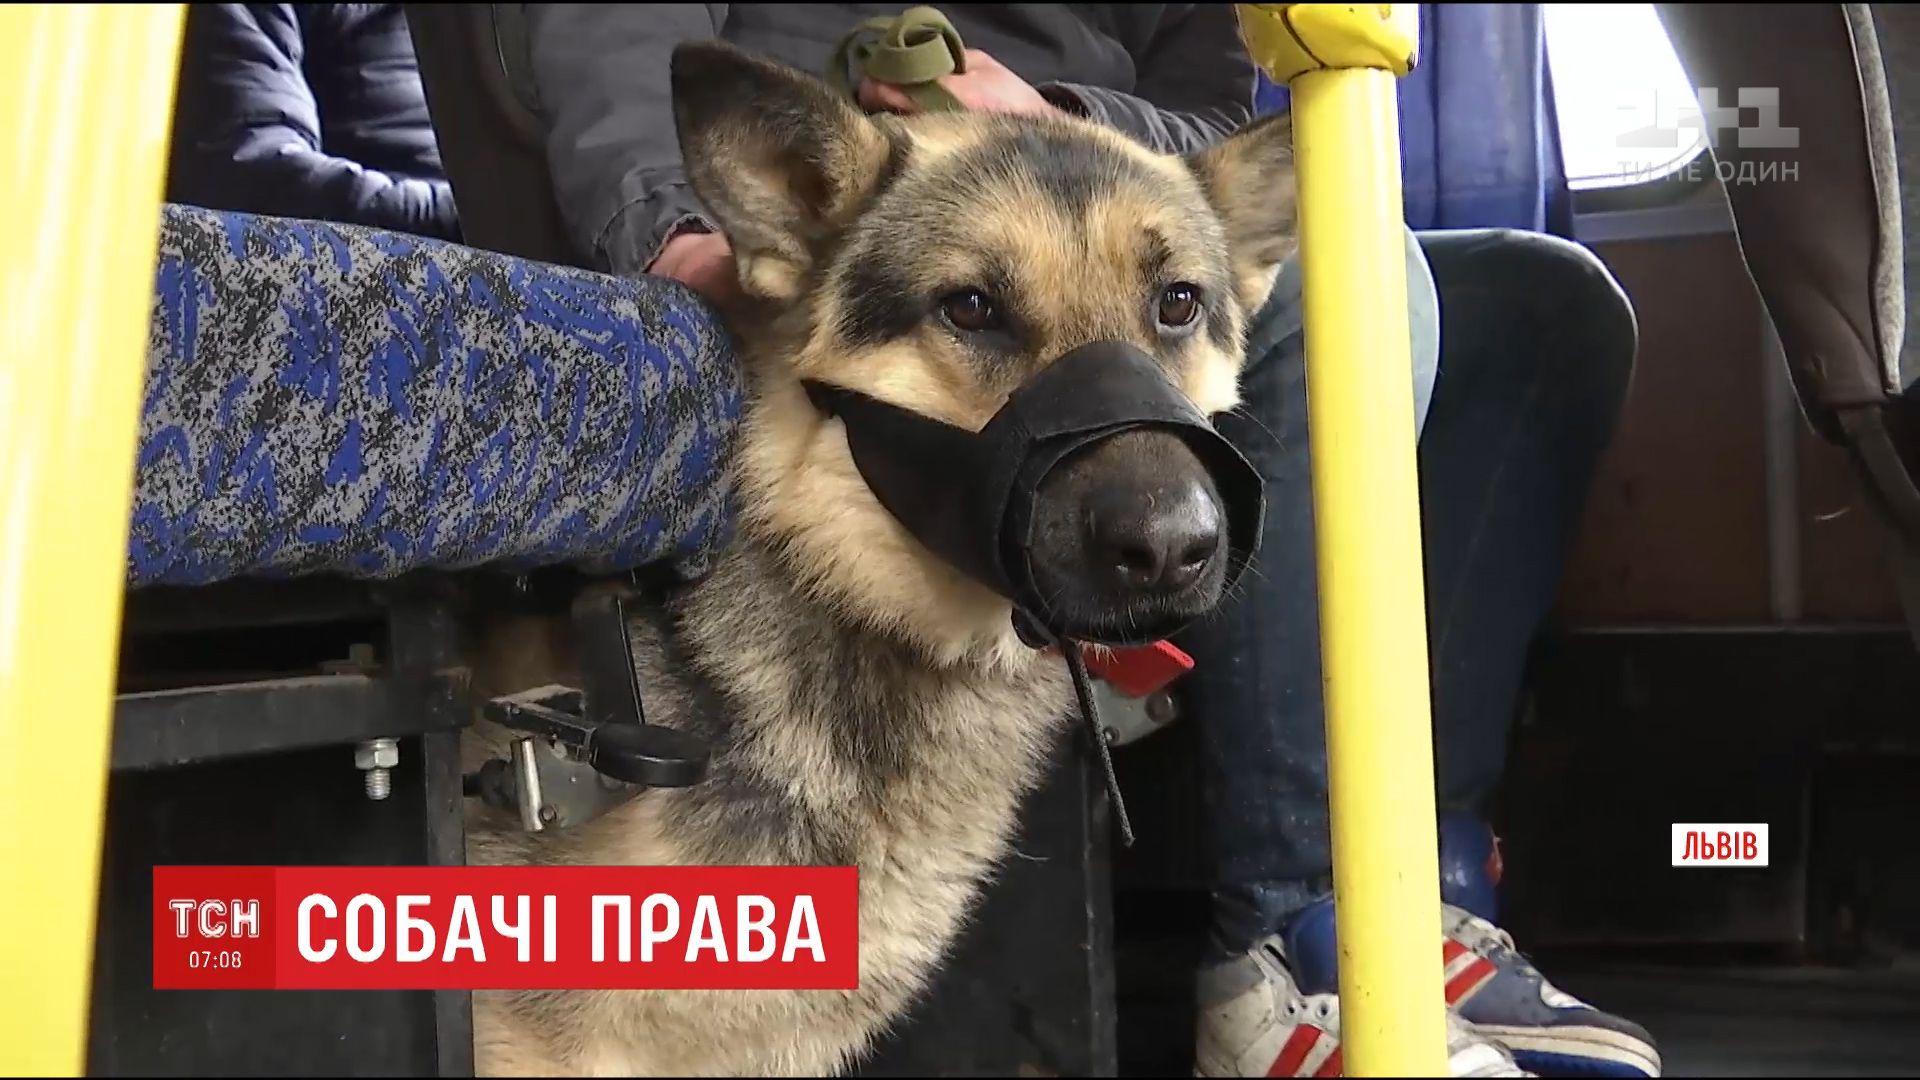 Муж два дня не мог выехать со Львова, потому что его собаке не разрешали зайти в автобус / кадр из видео ТСН